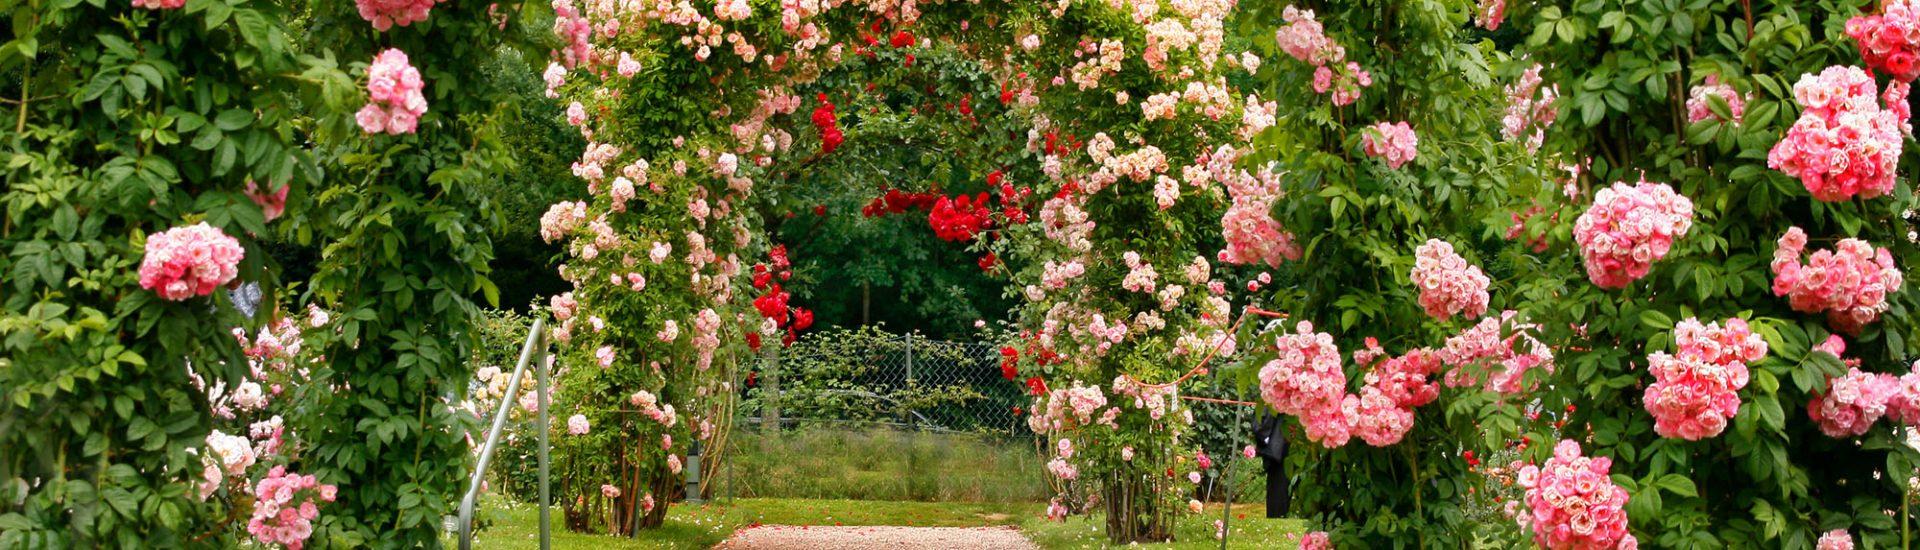 Ein Rosenbogen in Rost bringt eine romantische Stimmung in den Garten